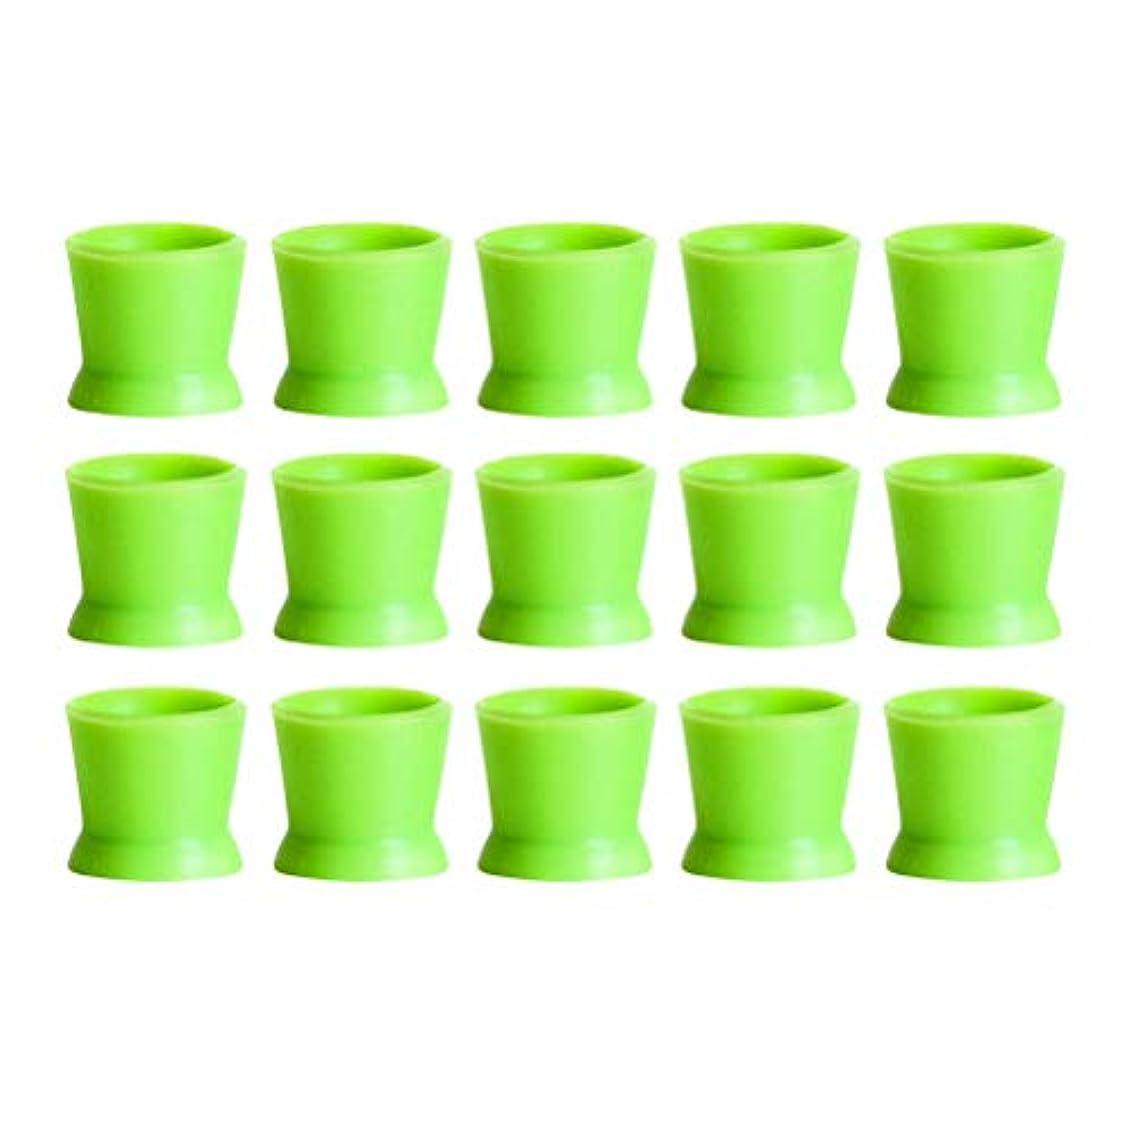 人気の煙テクスチャーHealifty 300PCSシリコンタトゥーインクカップ使い捨てマイクロブレーディングピグメントキャップホルダーコンテナ永久的なまつげメイクアップアイブロー(グリーン)